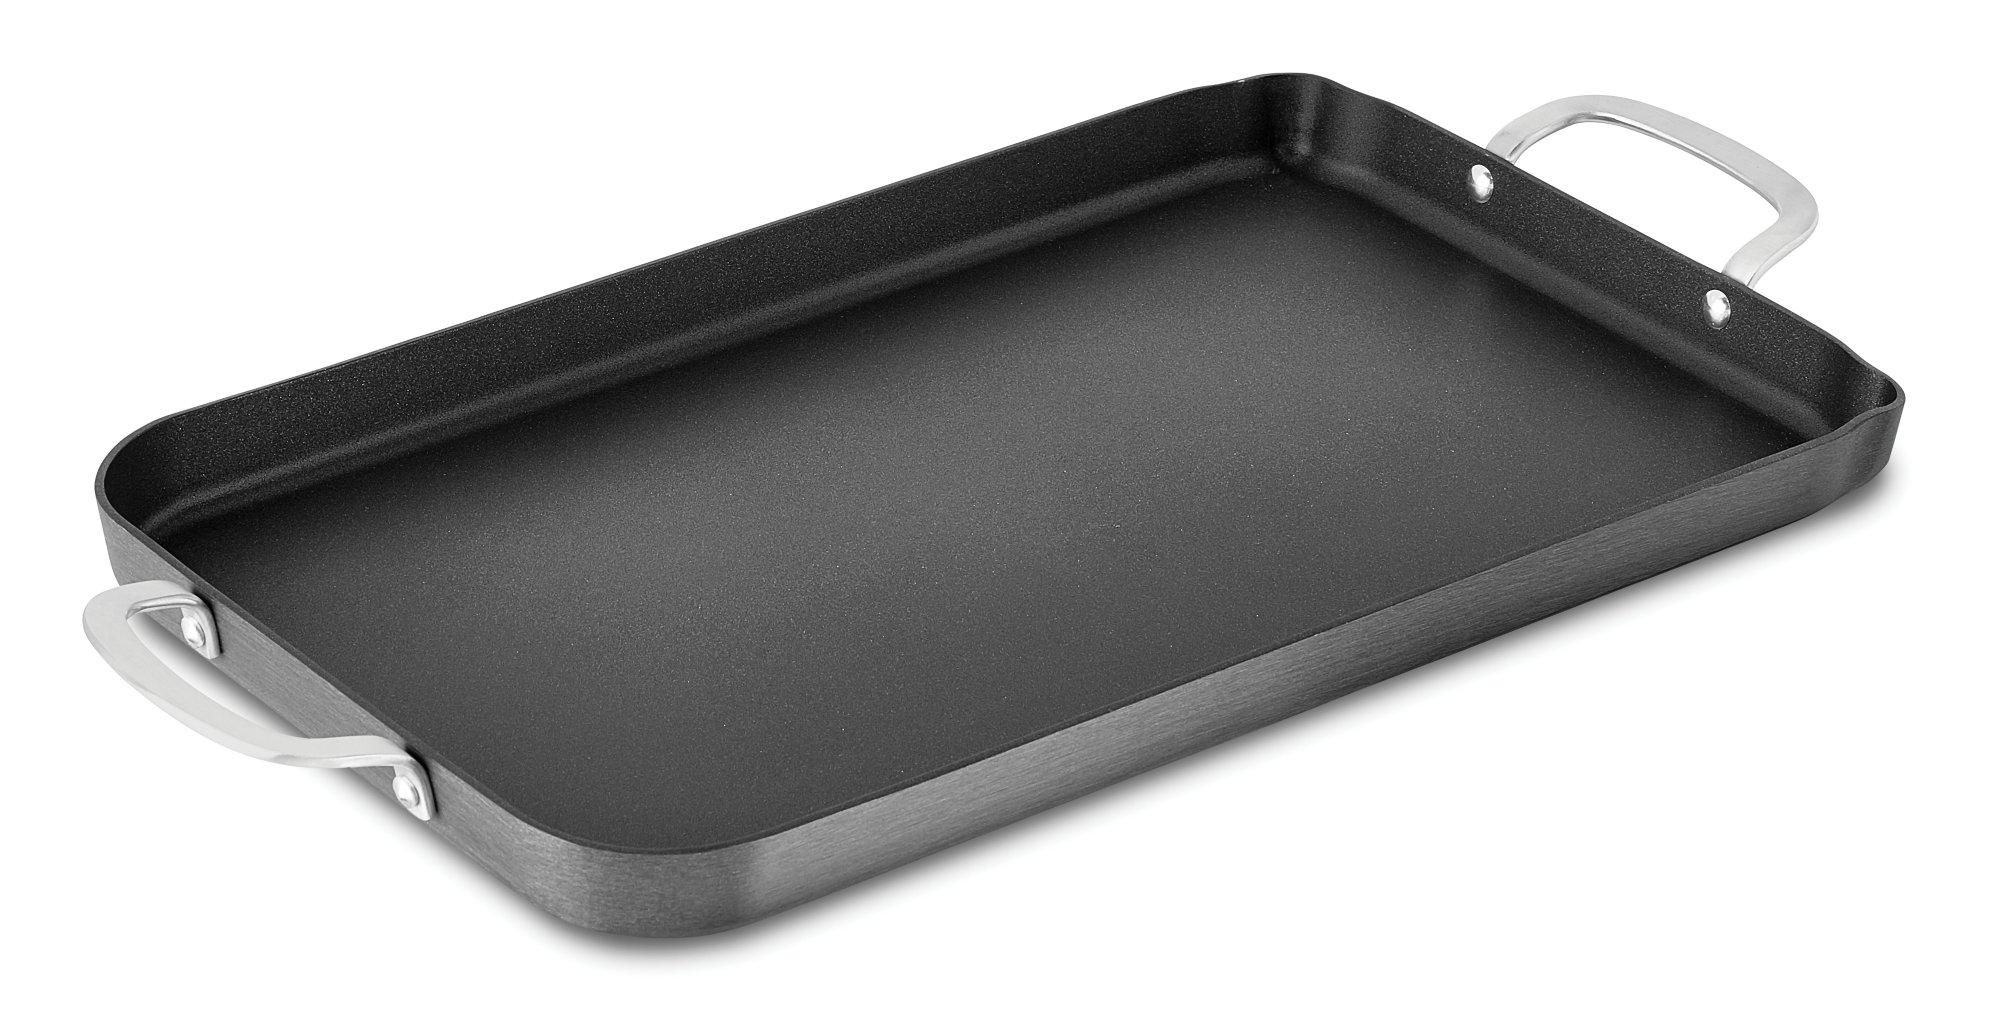 Calphalon Classic™ Nonstick Double Griddle Pan